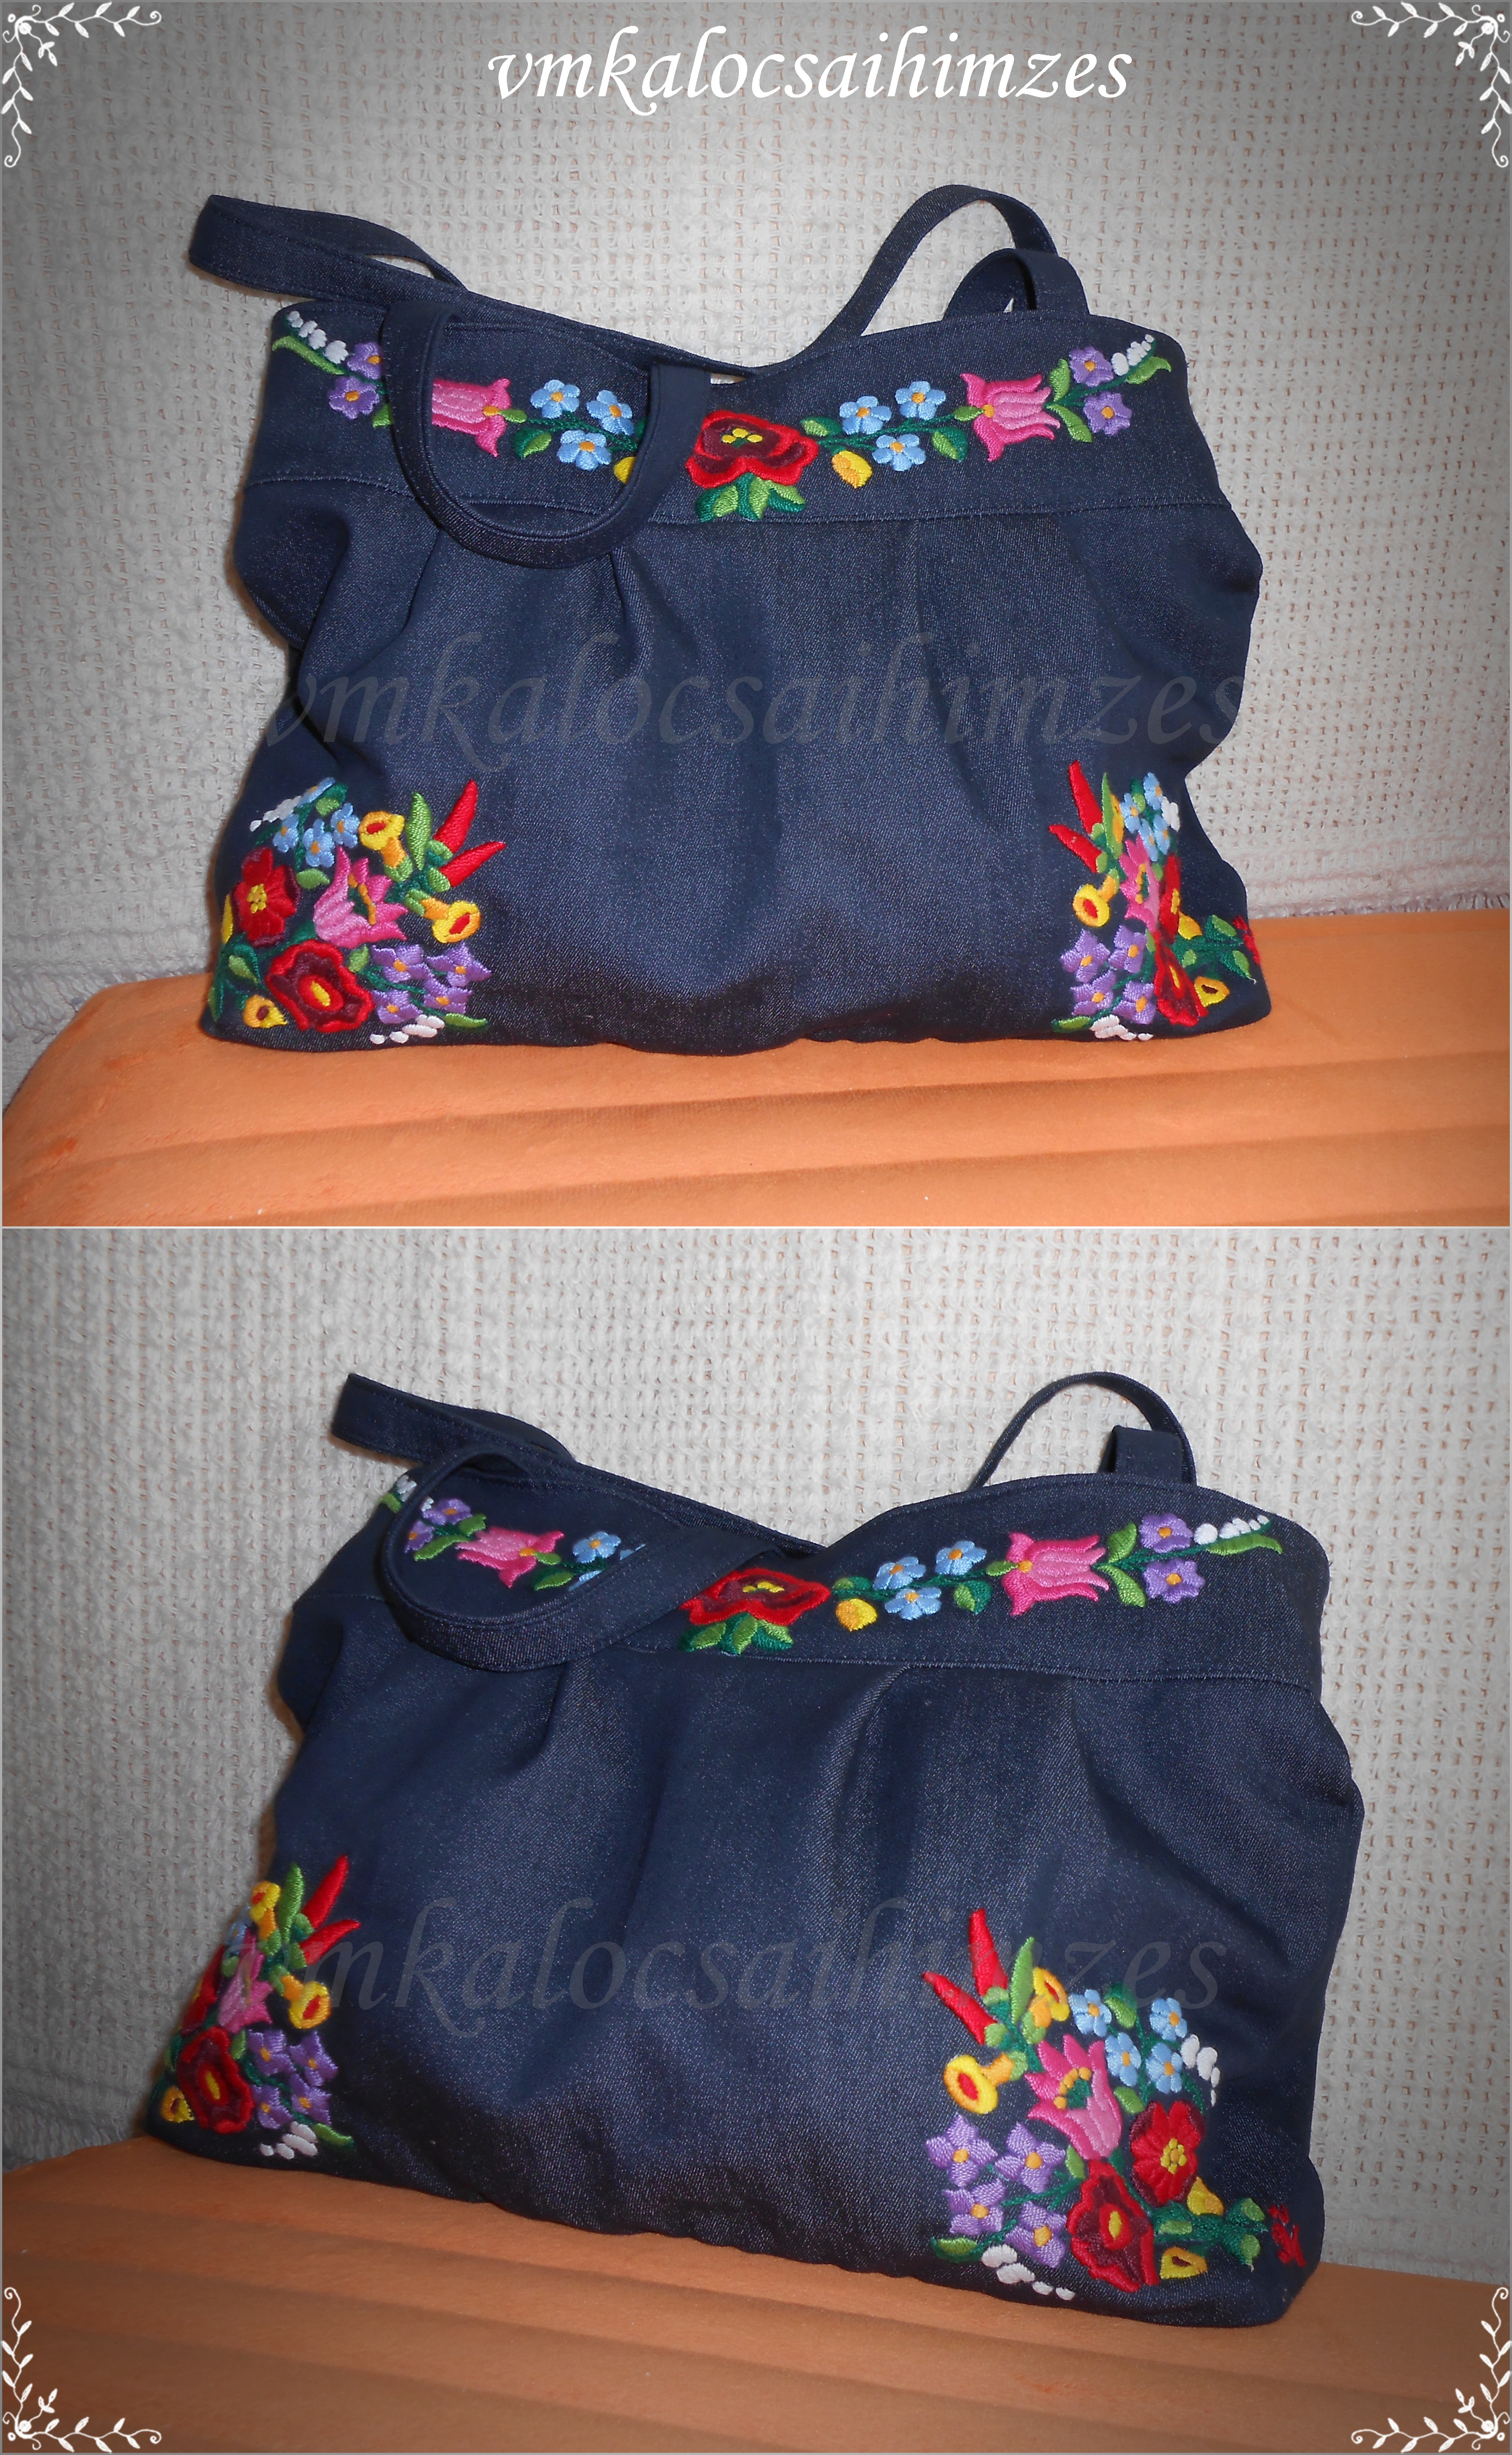 8fe586a9587a Sapka, táska, pénztárca | VM kalocsai hímzés